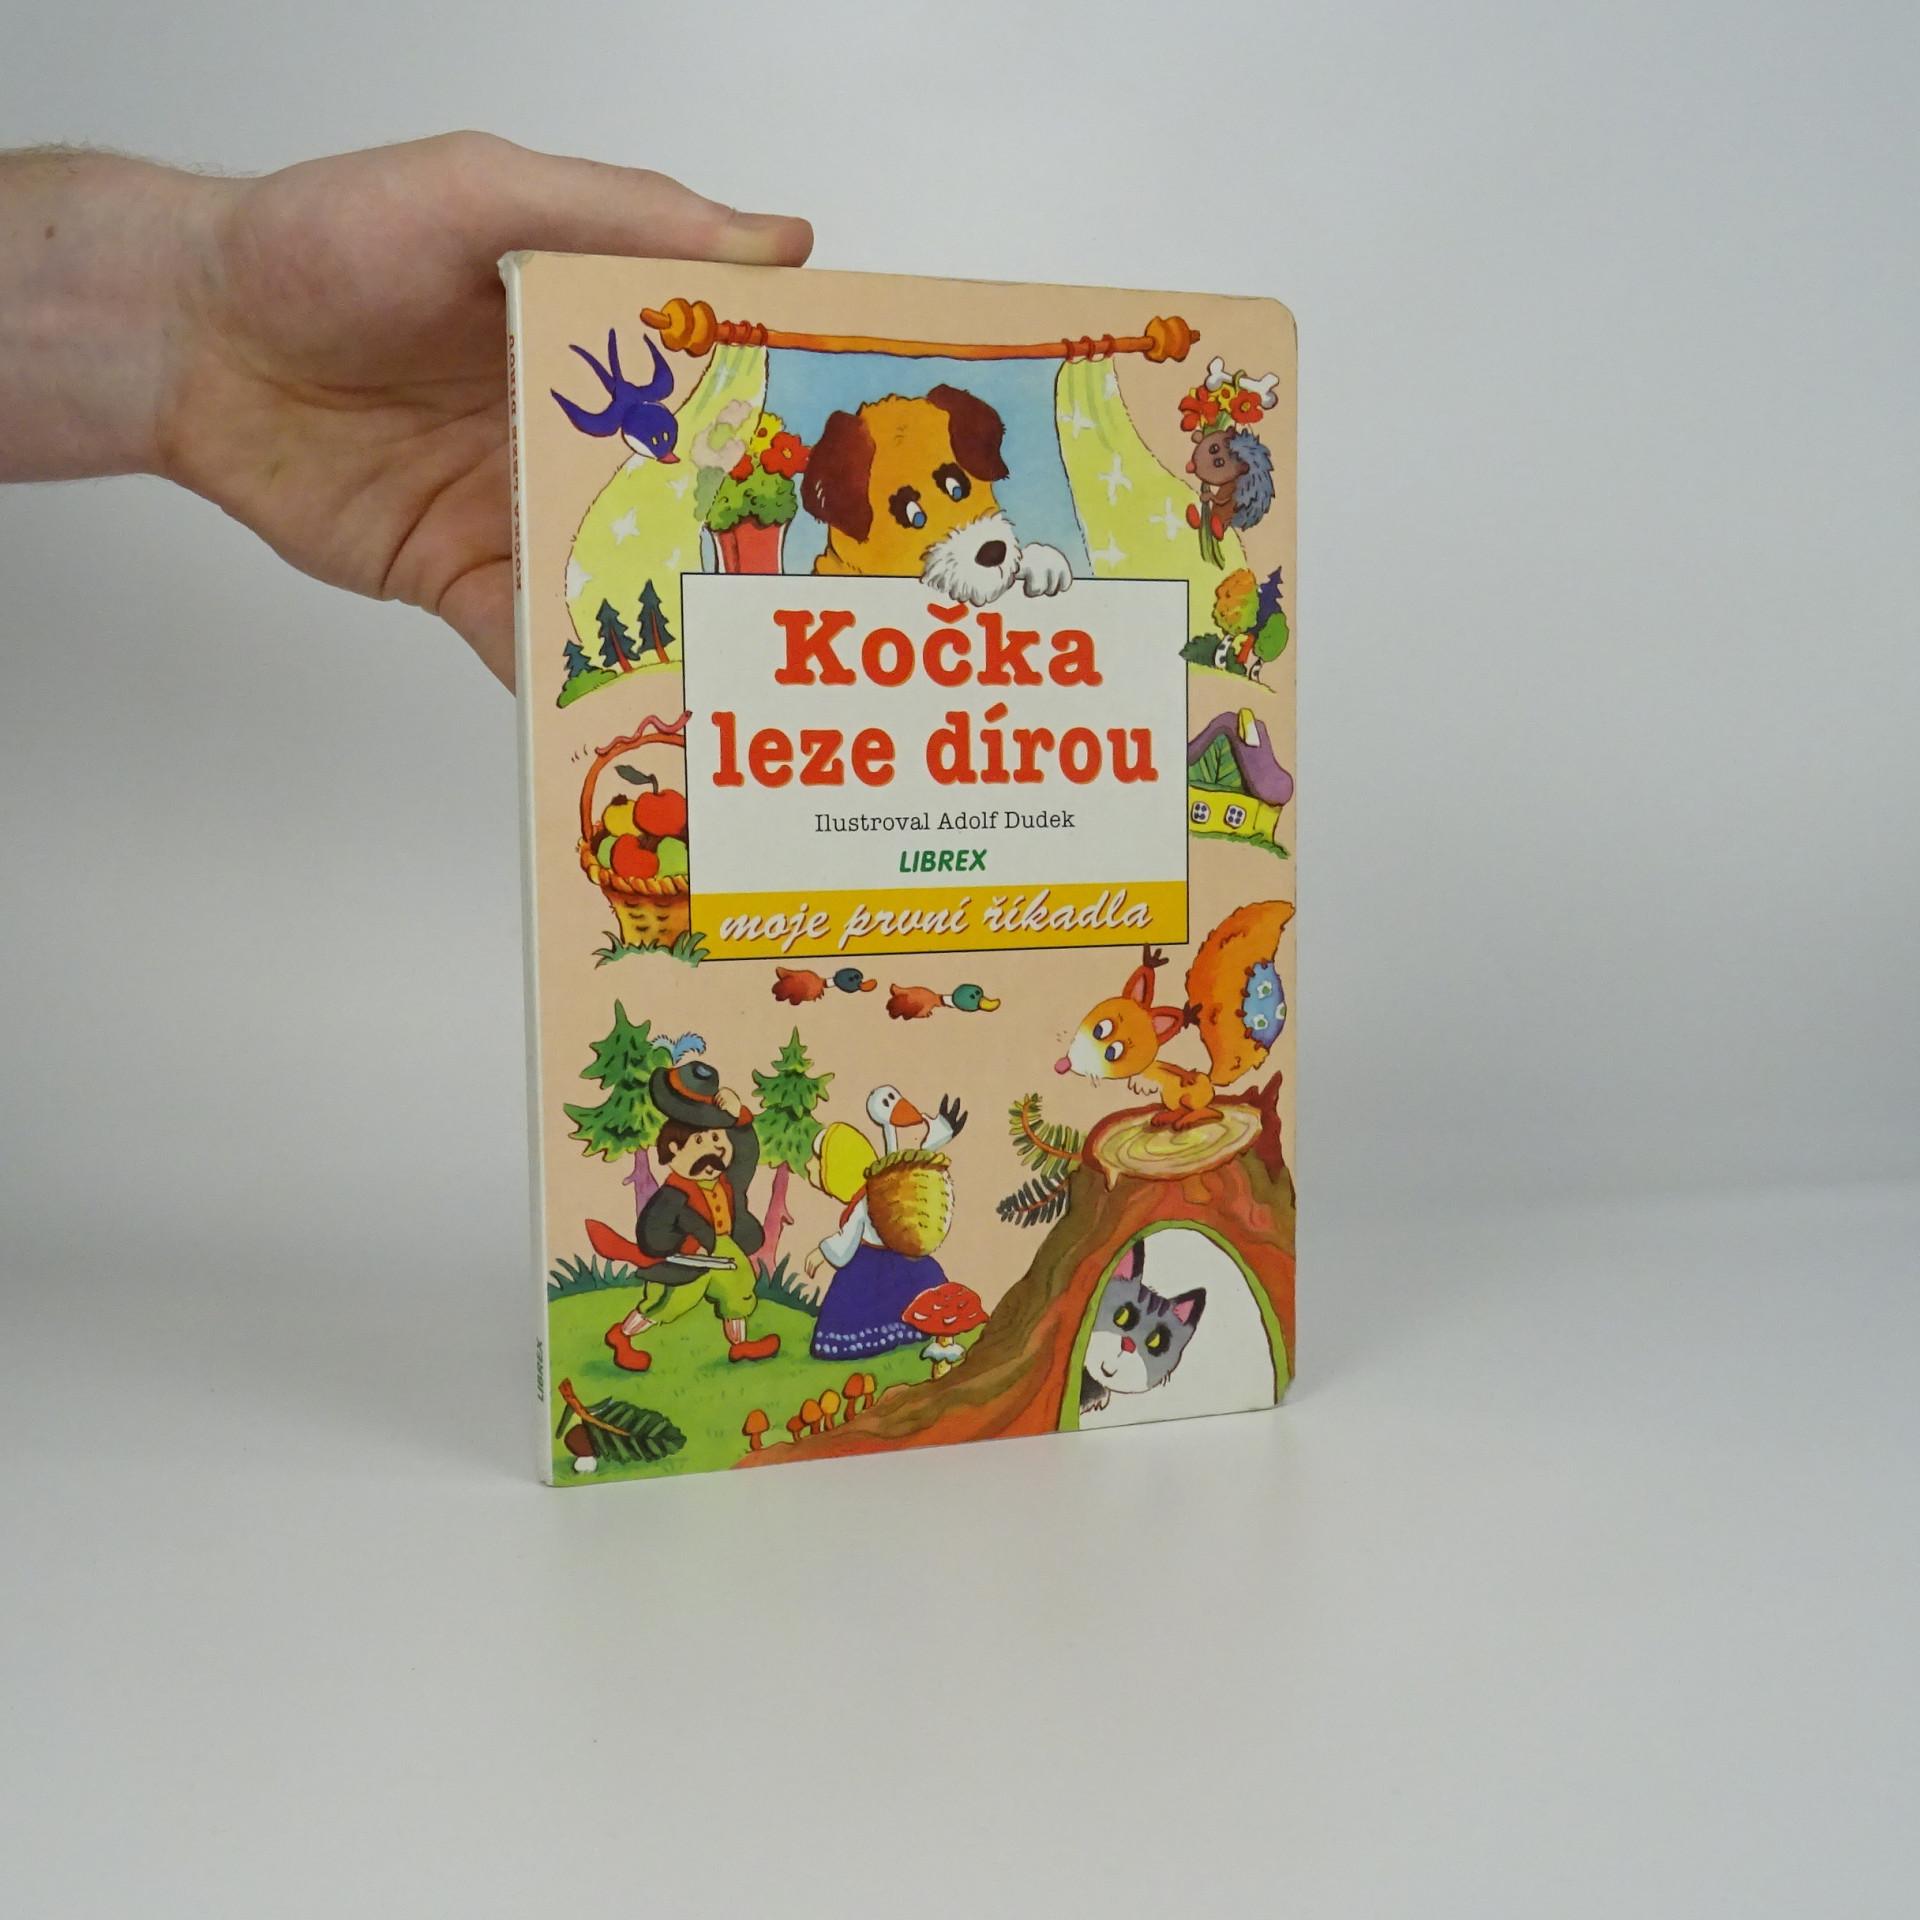 antikvární kniha Kočka leze dírou, 1999